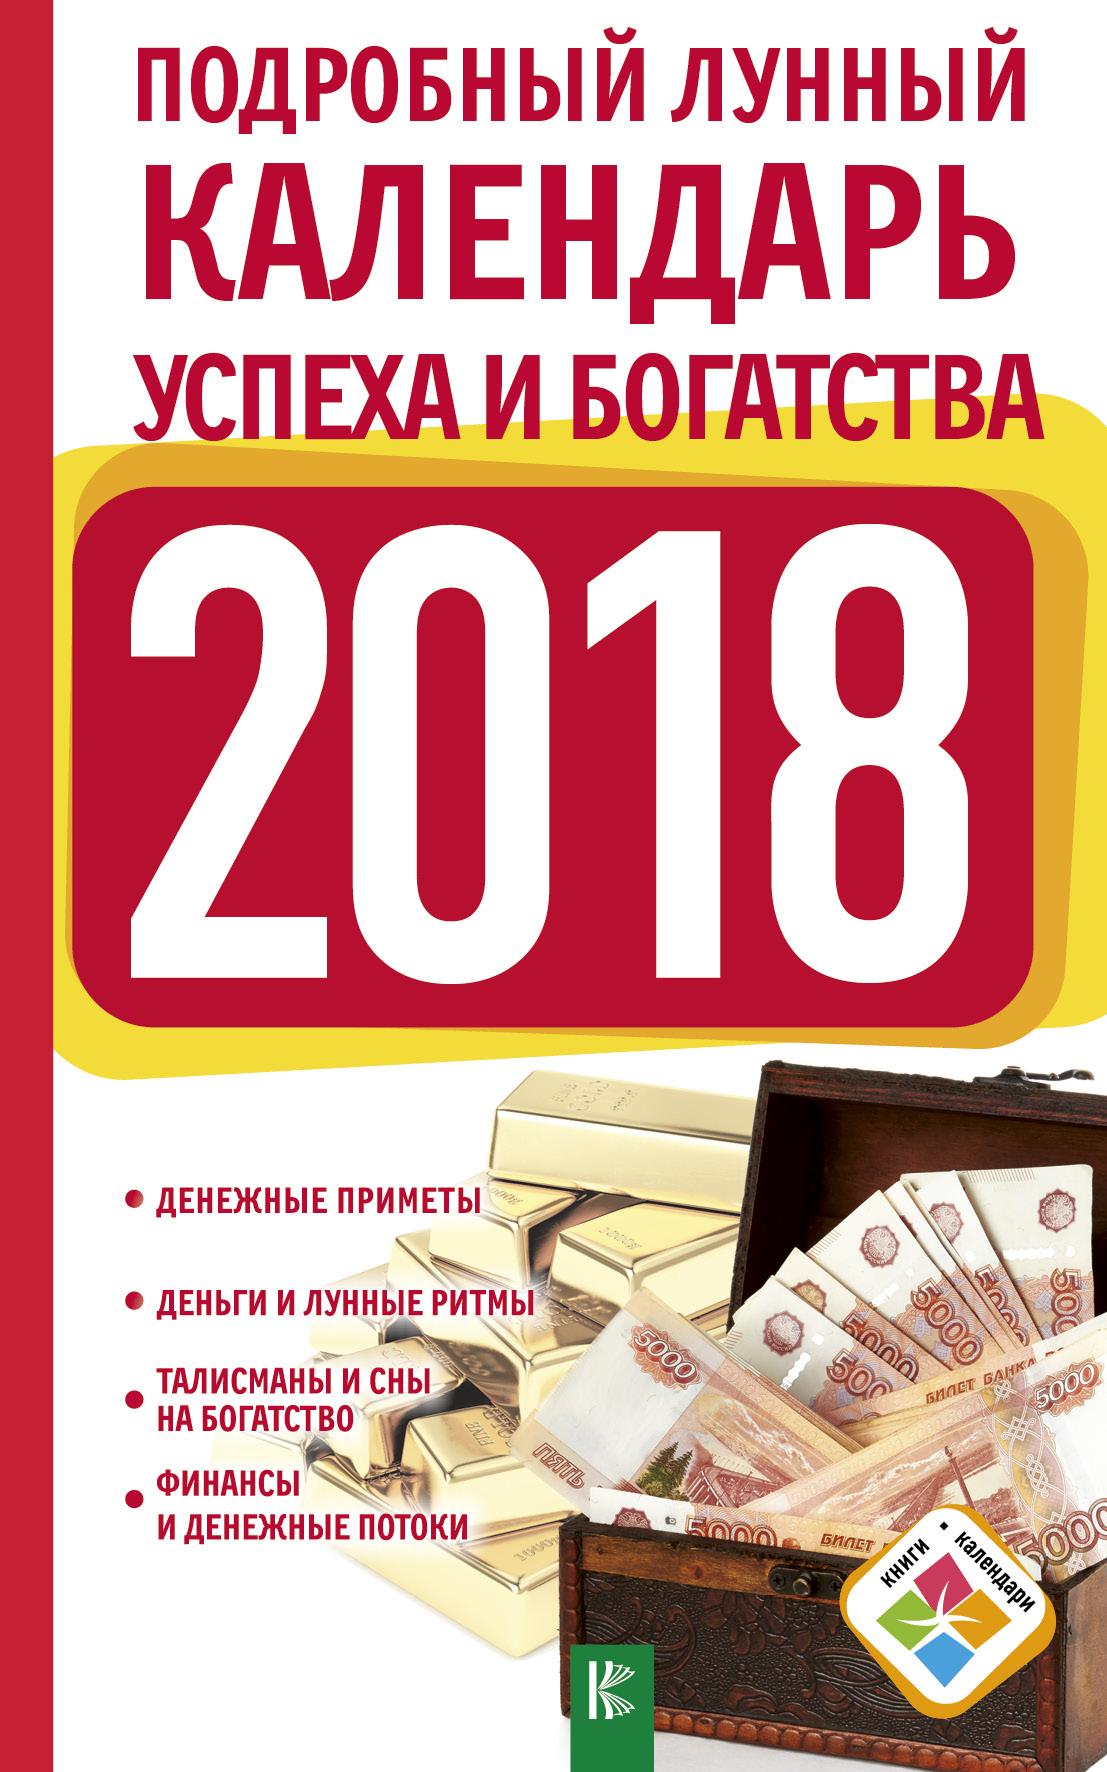 Нина Виноградова Подробный лунный календарь успеха и богатства на 2018 год нина виноградова лунный календарь богатства и успеха на 2016 год